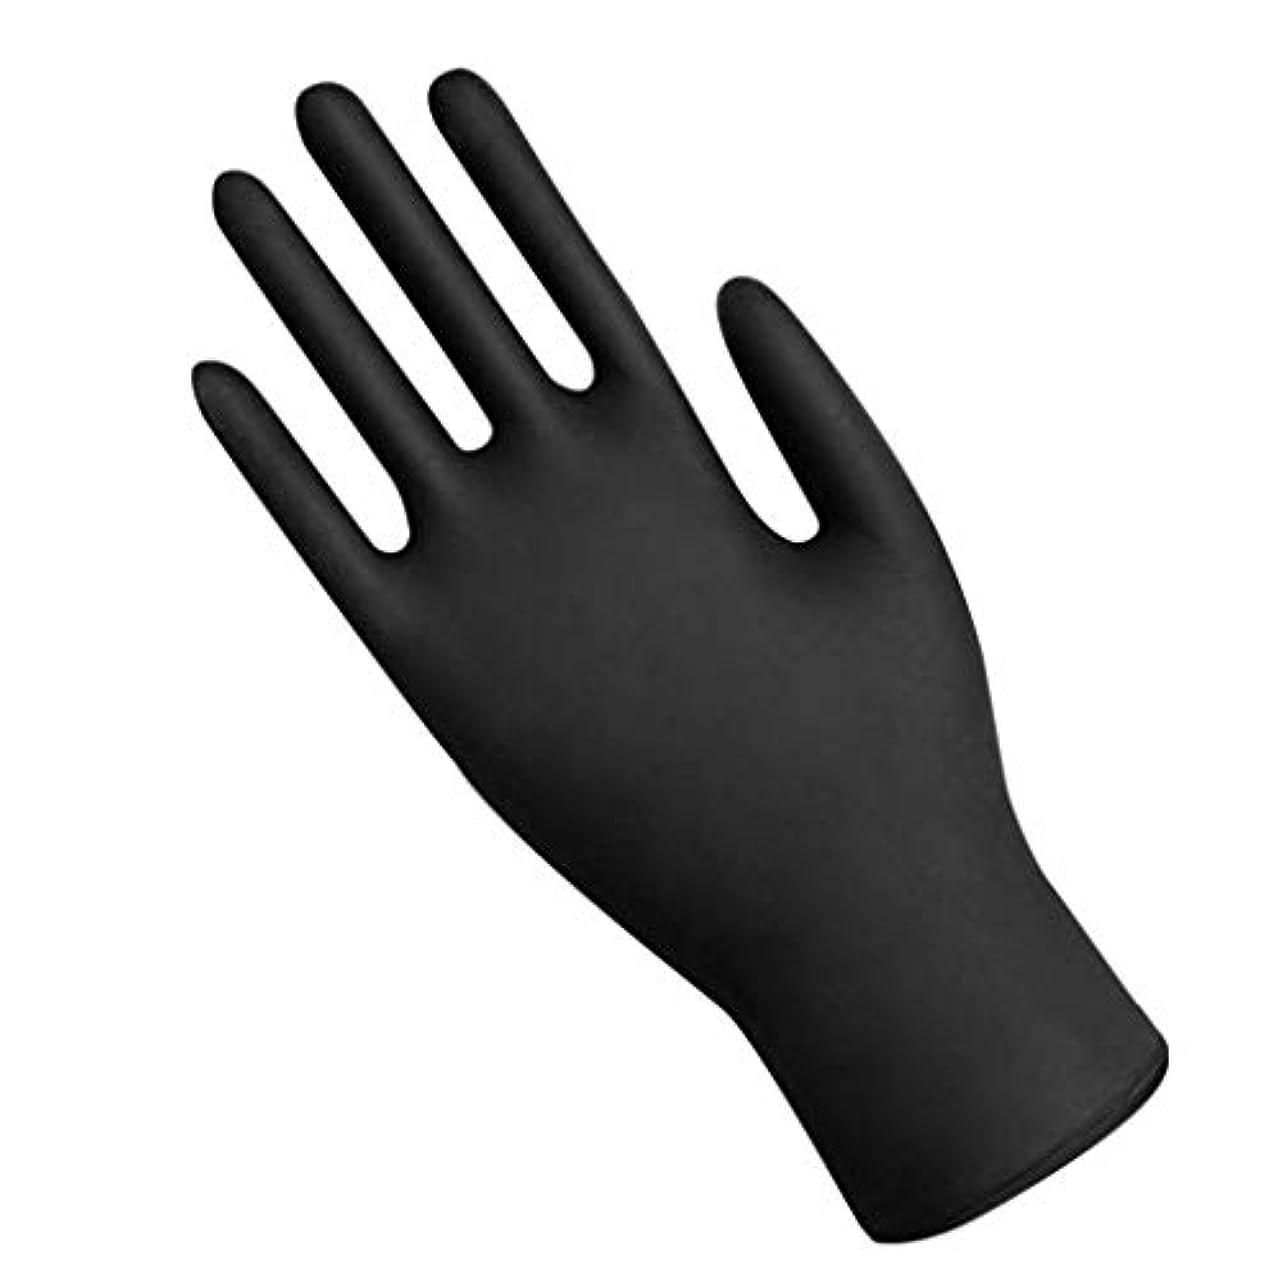 大砲取るに足らないガロンLazayyi 50枚入 シルク手袋 手袋 使い捨て手袋 手荒い 滑りにくい 超弾性 (M, ブラック)